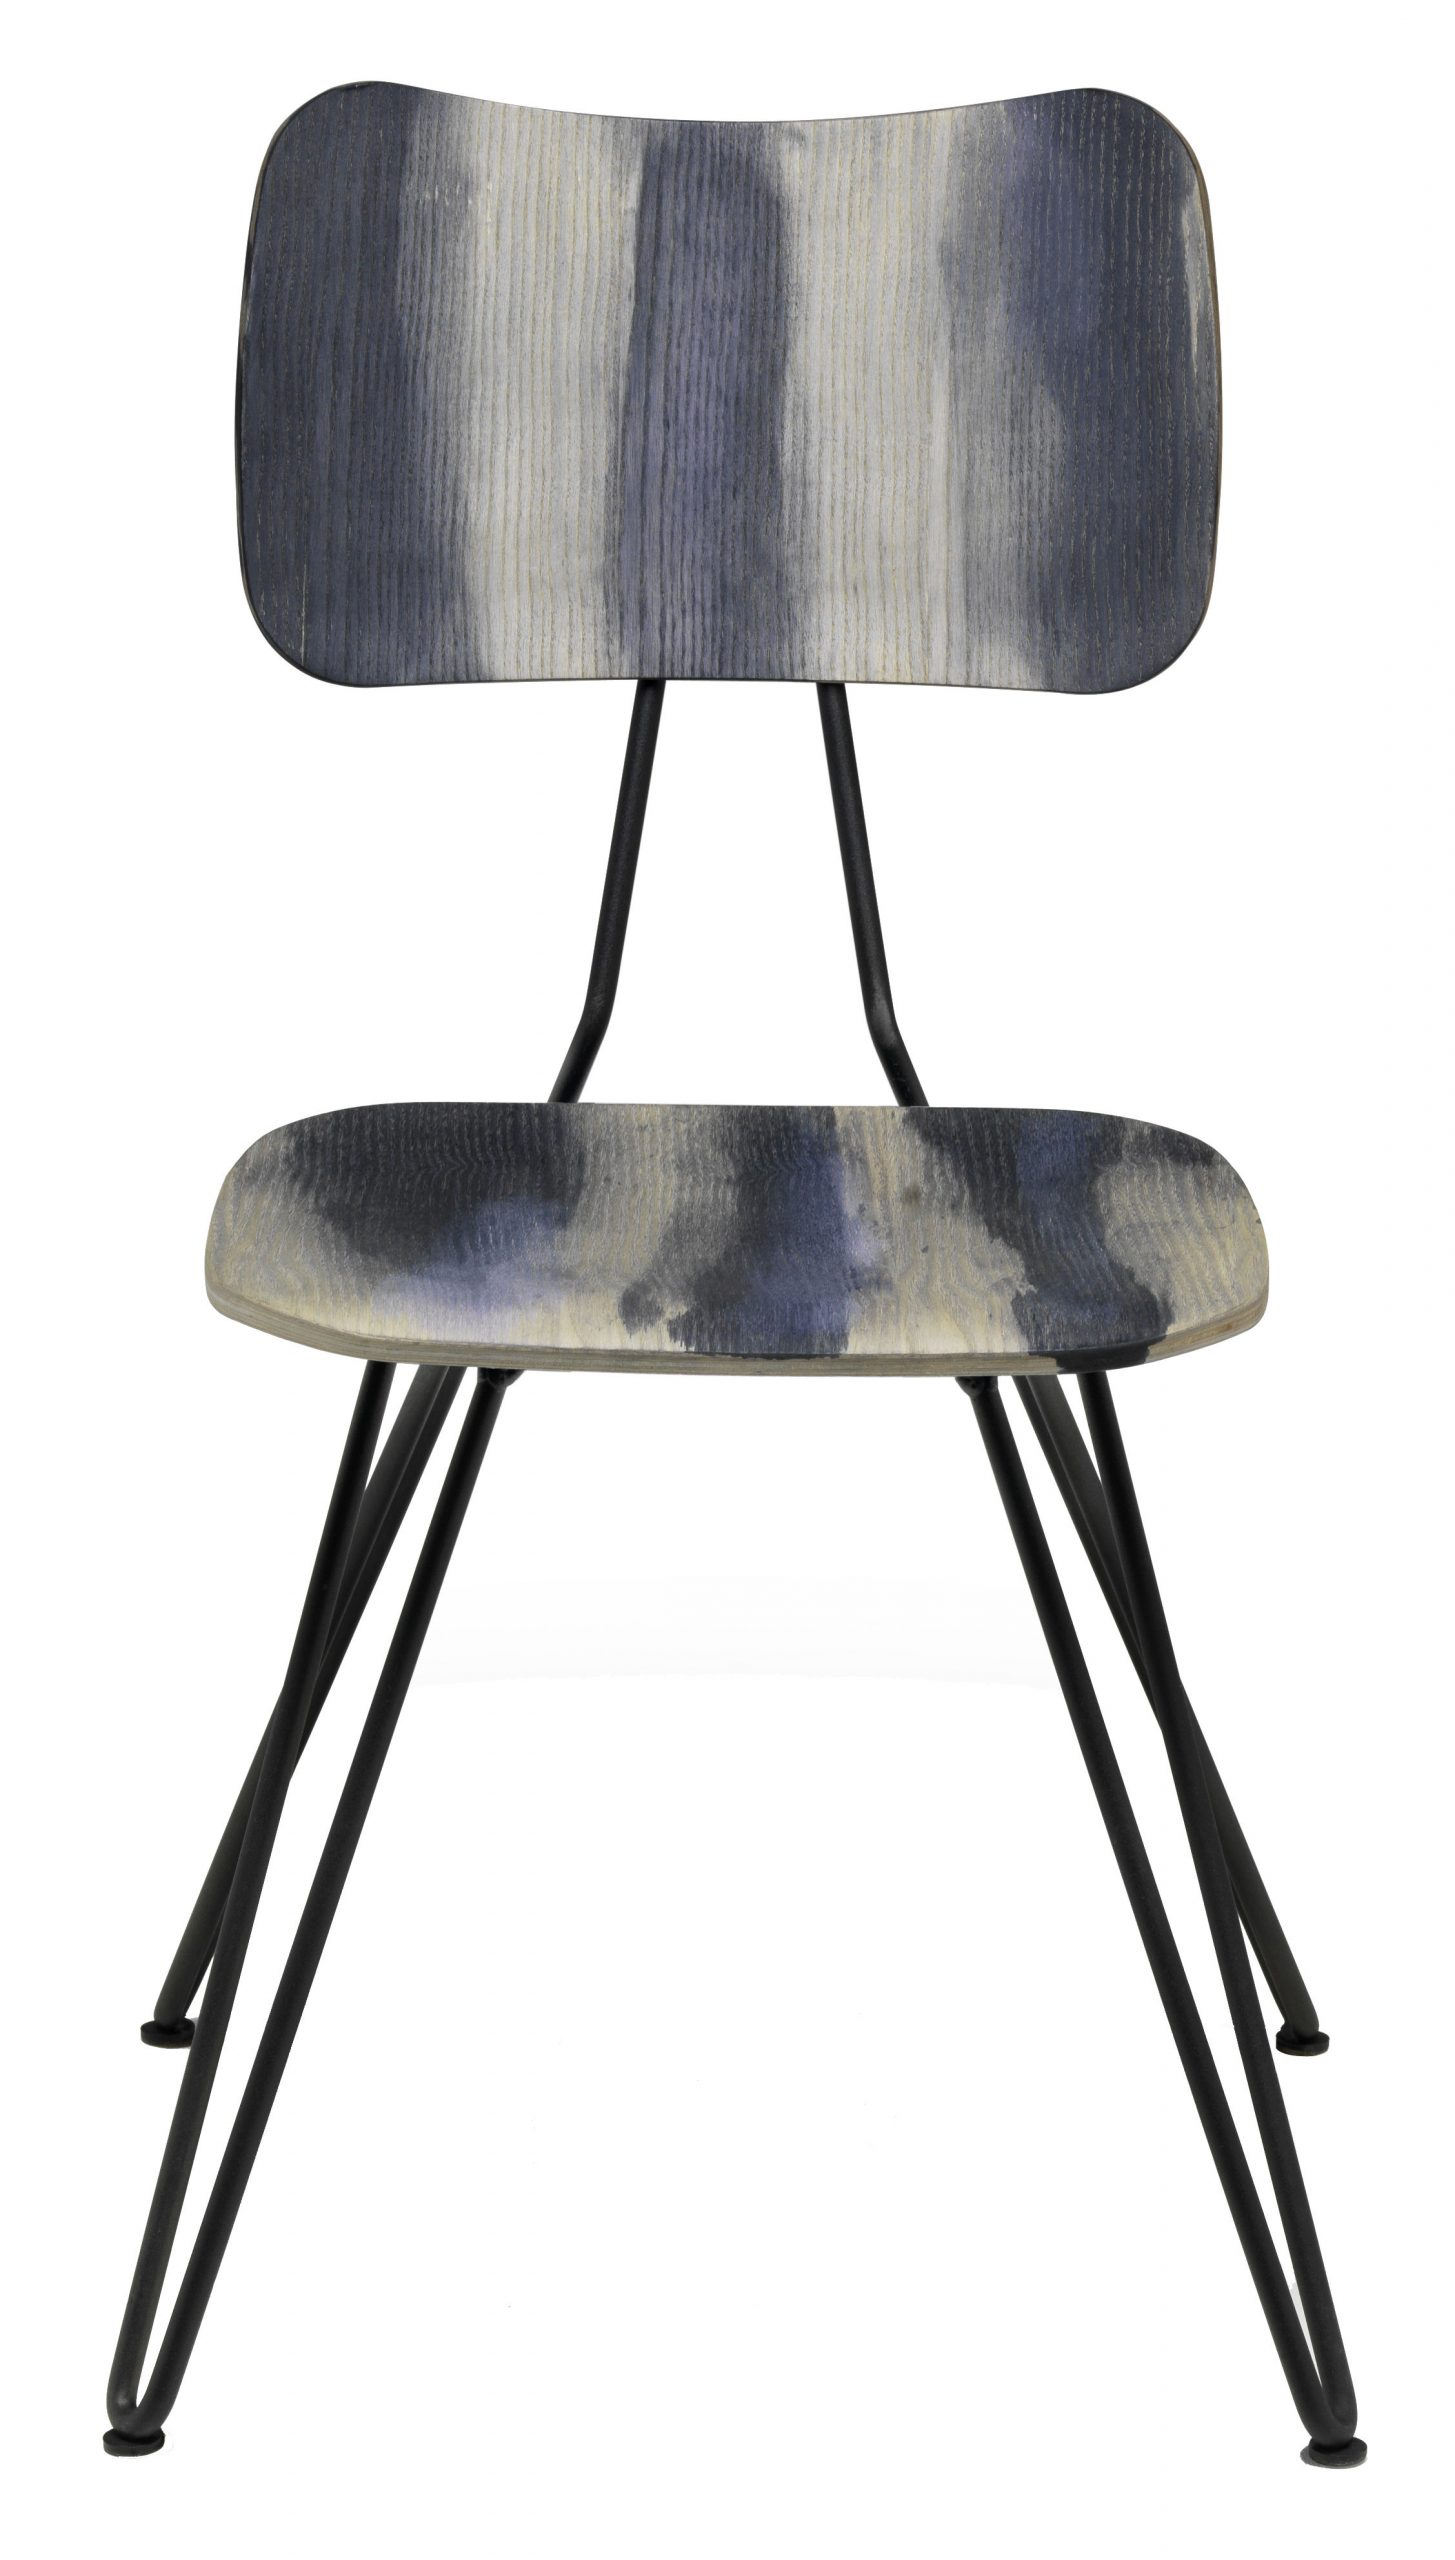 Stuhl Overdyed Grau gewaschen Diesel mit Moroso Diesel Creative Team 1